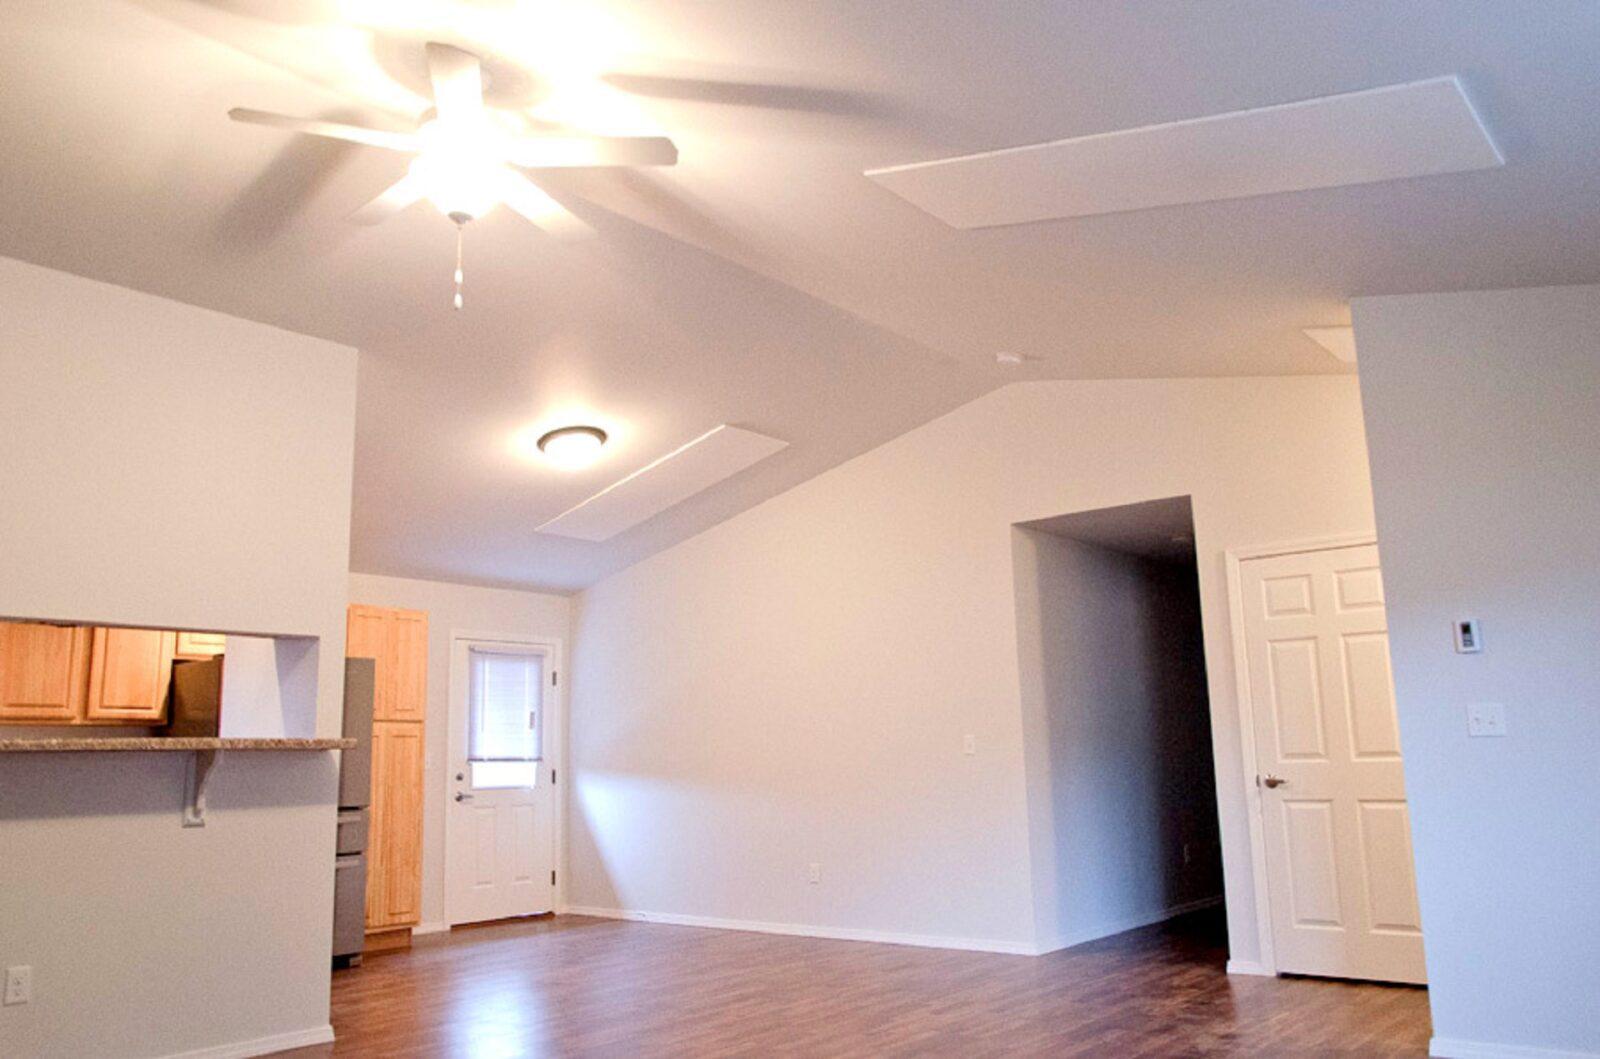 Ducoterra Living Room Radiant Panel